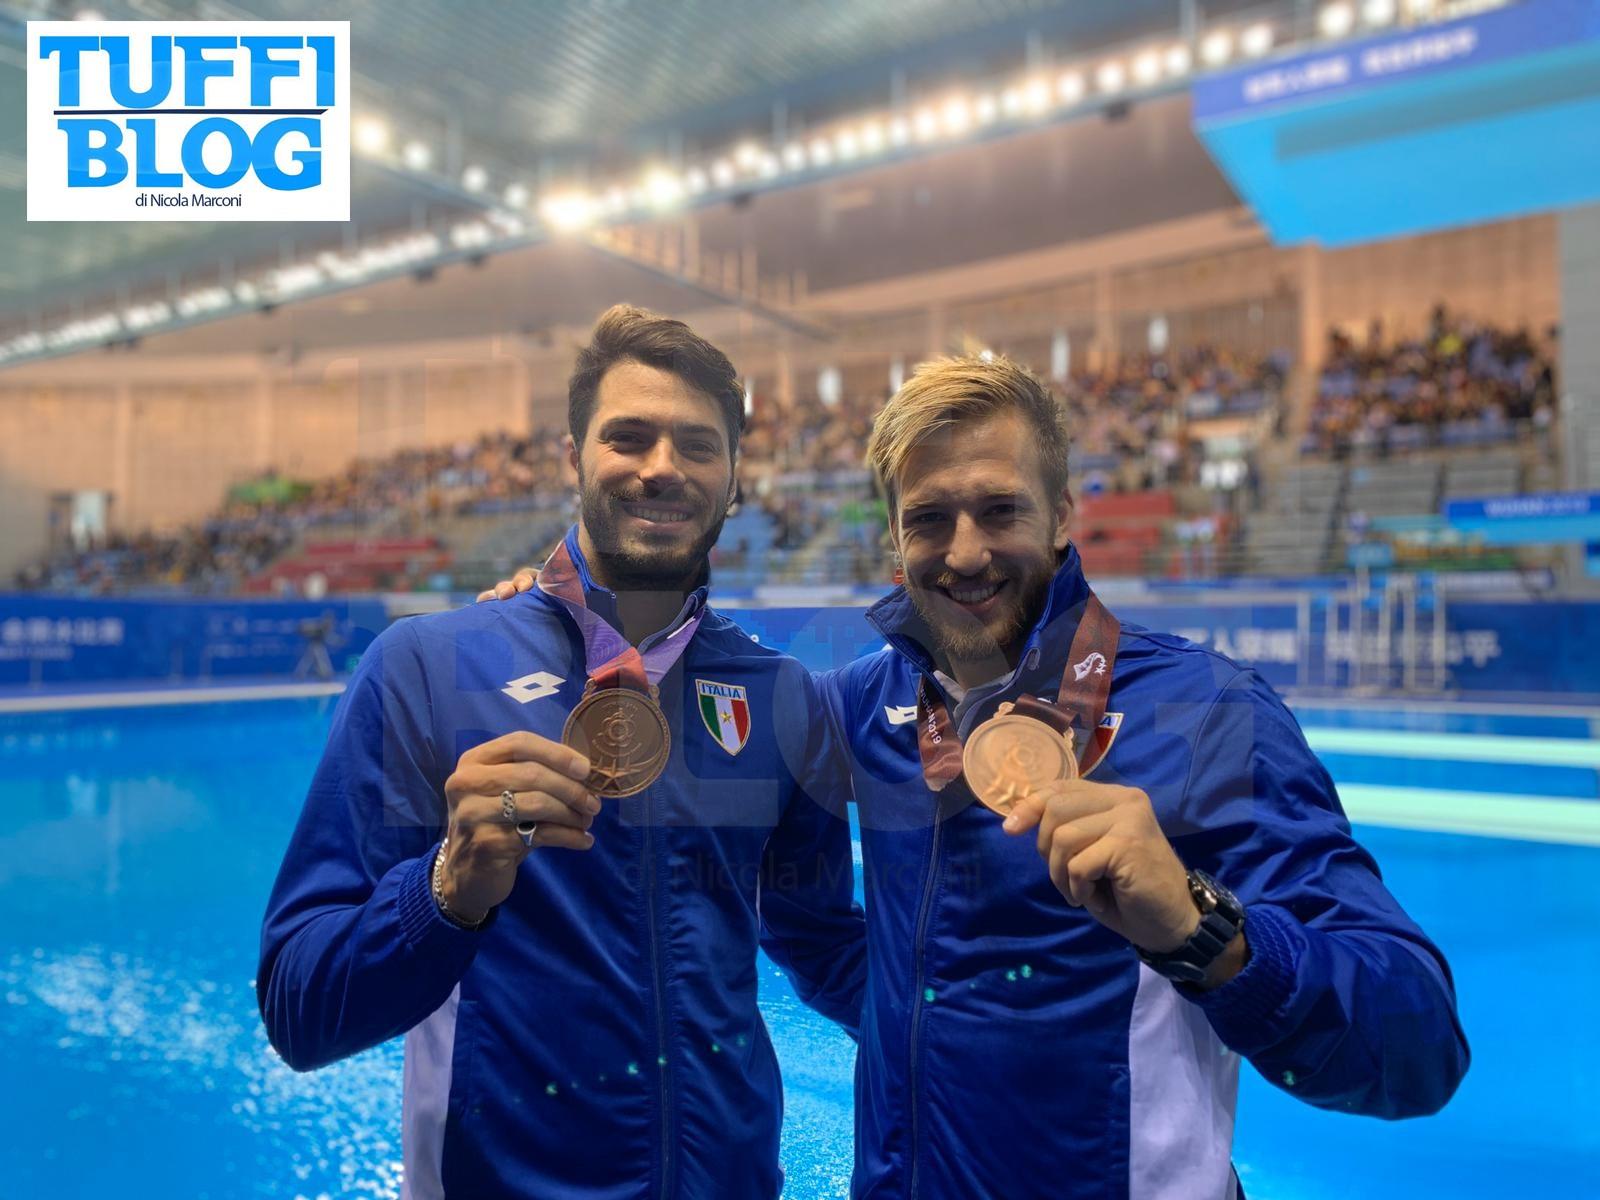 Campionati Mondiali Militari: Wuhan – chiusura col botto, il sincro Rinaldi - Auber è bronzo!